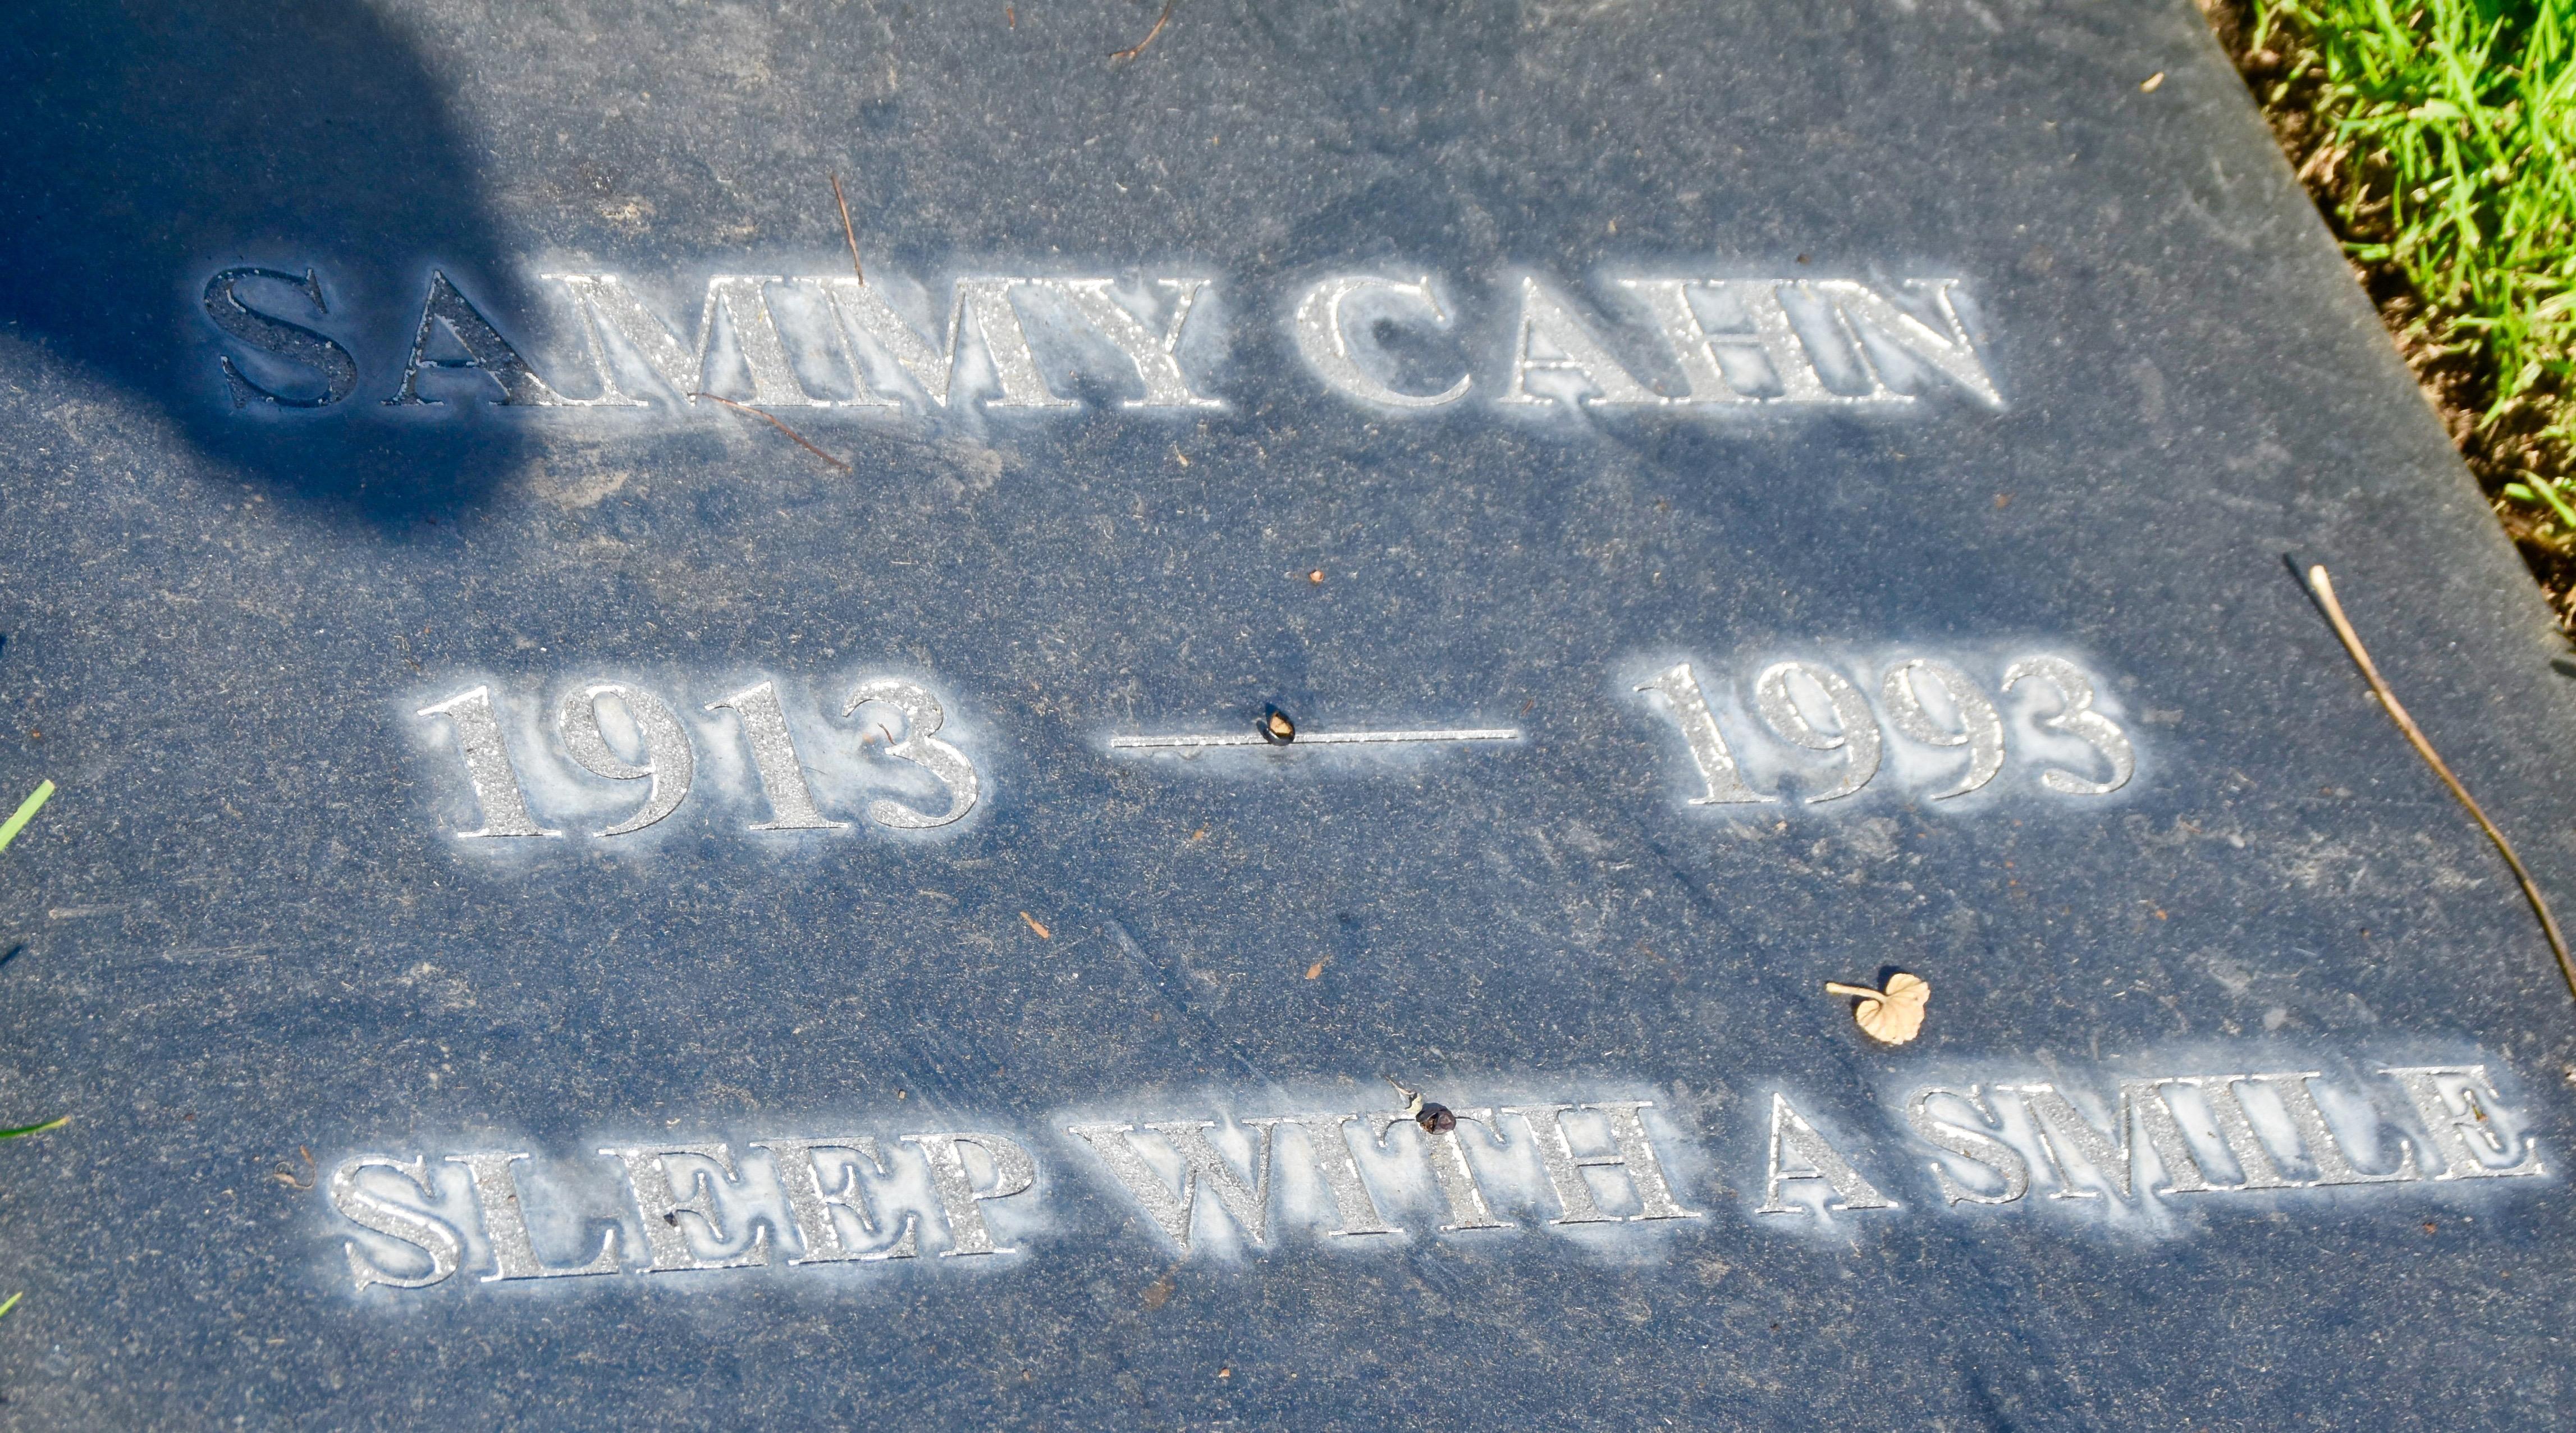 Sammy Cahn, Westwood Village Cemetery